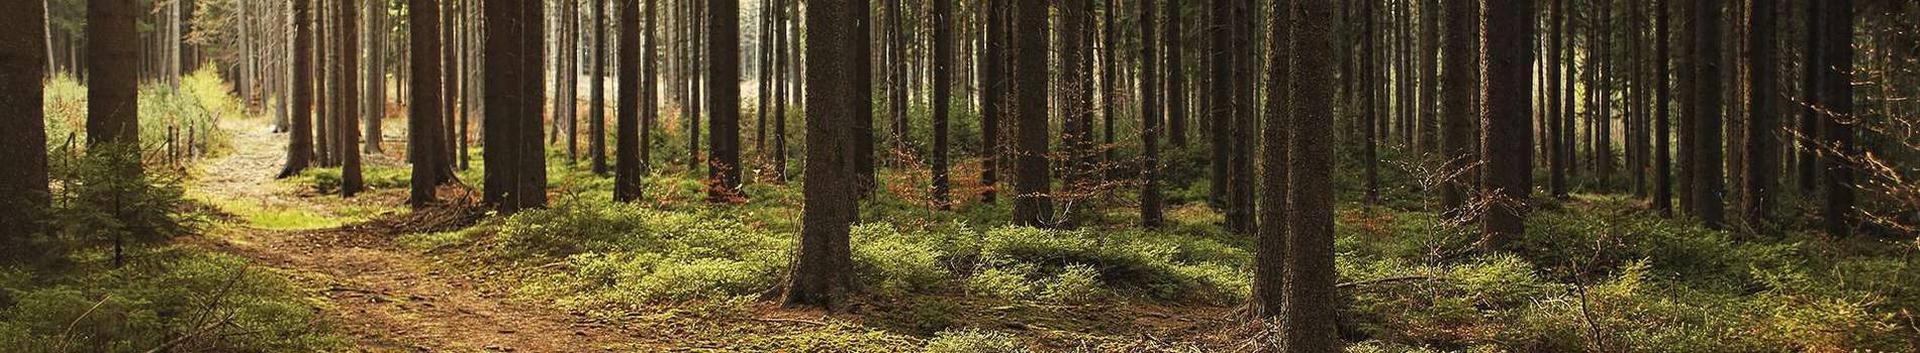 02401_metsamajanduse-abitegevused_28684918_xl.jpg